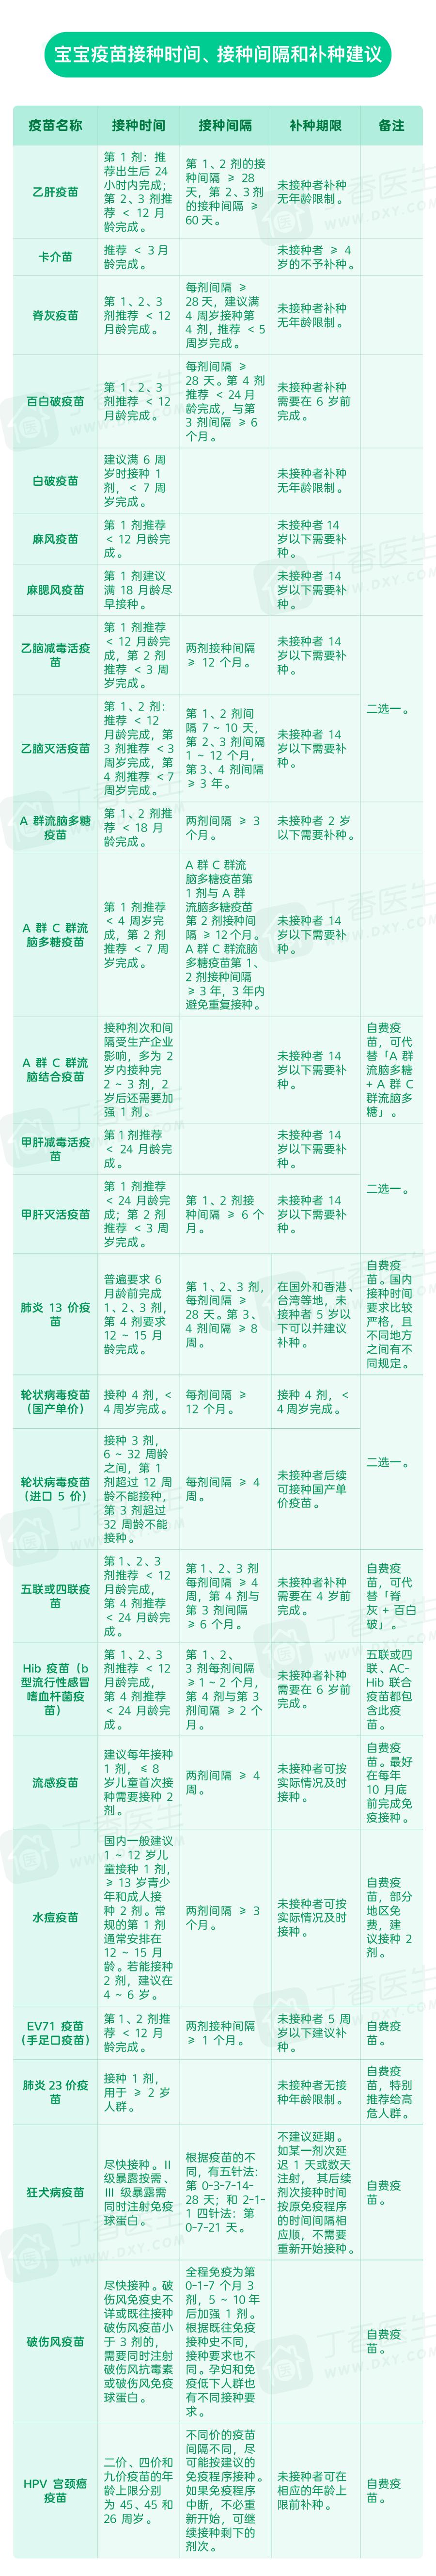 宝宝疫苗接种建议(加水印).png